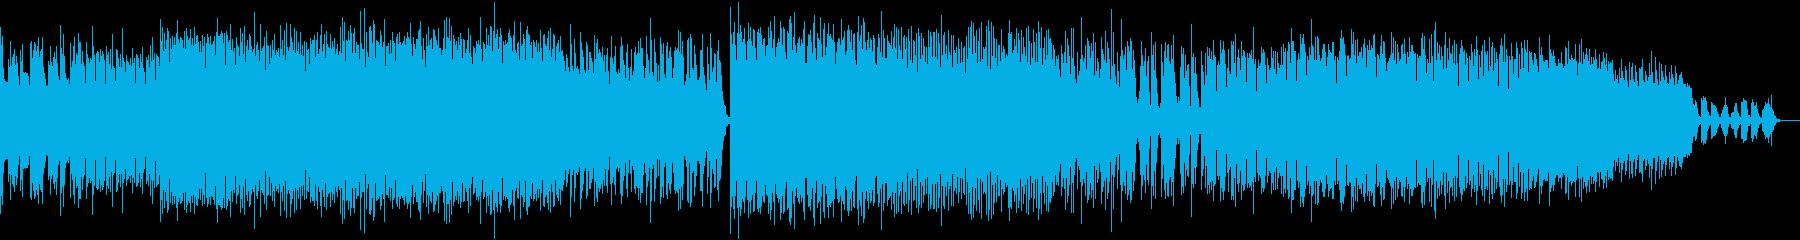 重厚でクールなエレクトリックサウンドの再生済みの波形